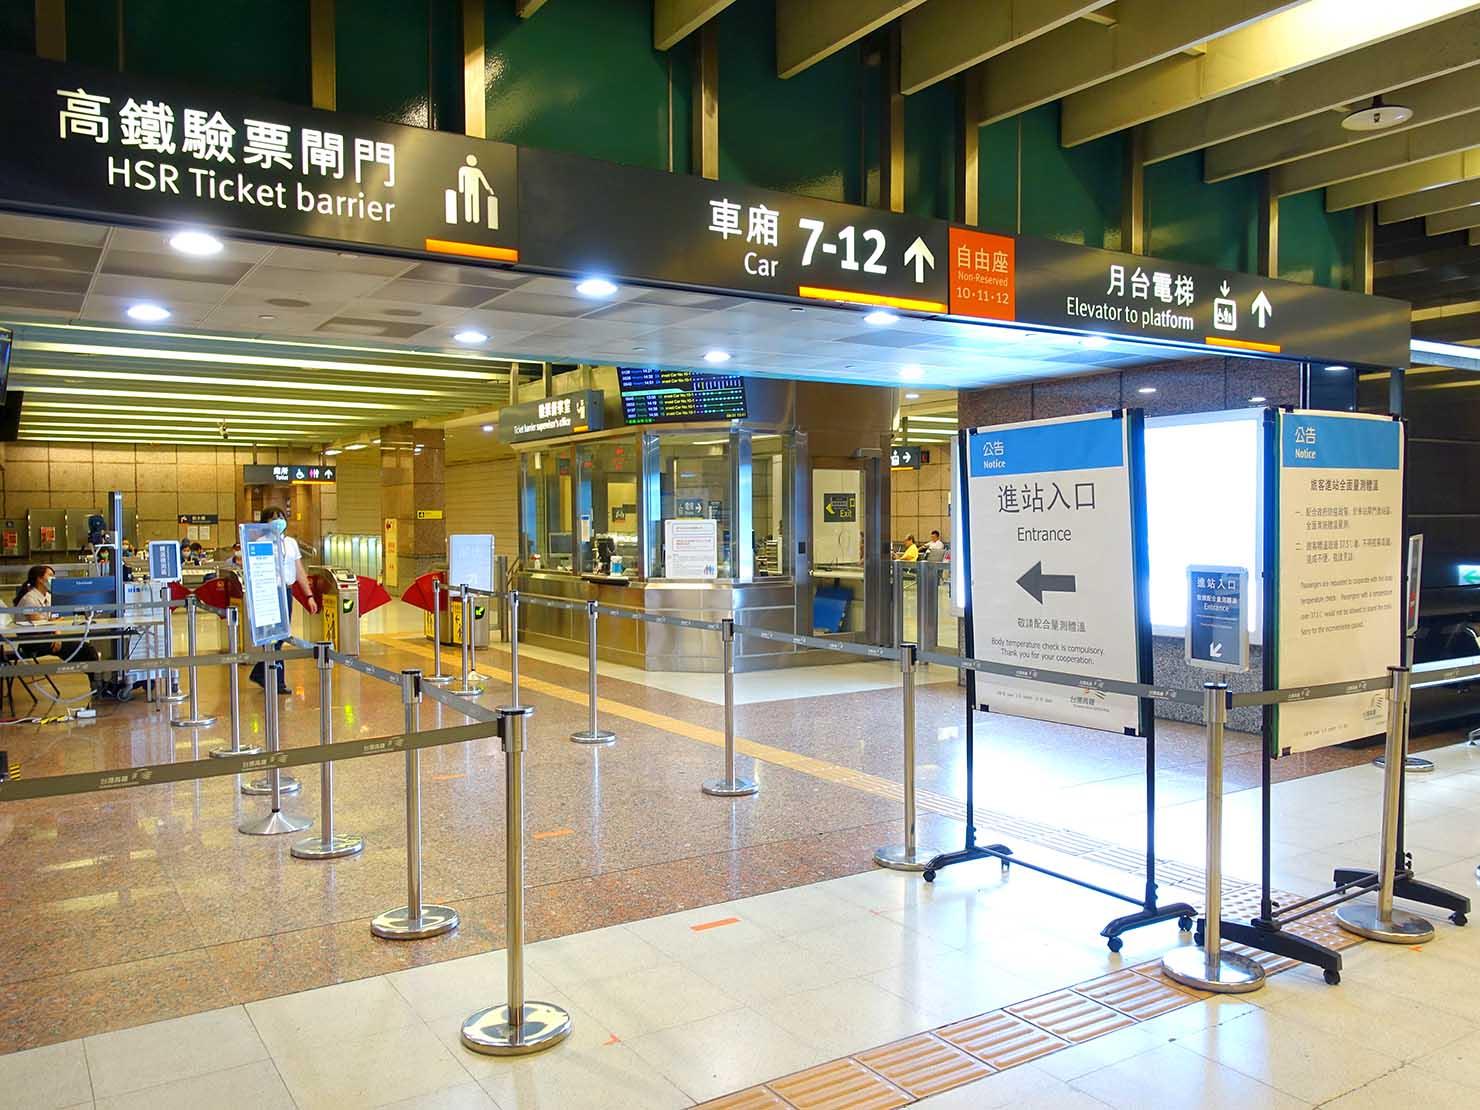 高鐵(台湾新幹線)板橋駅の改札